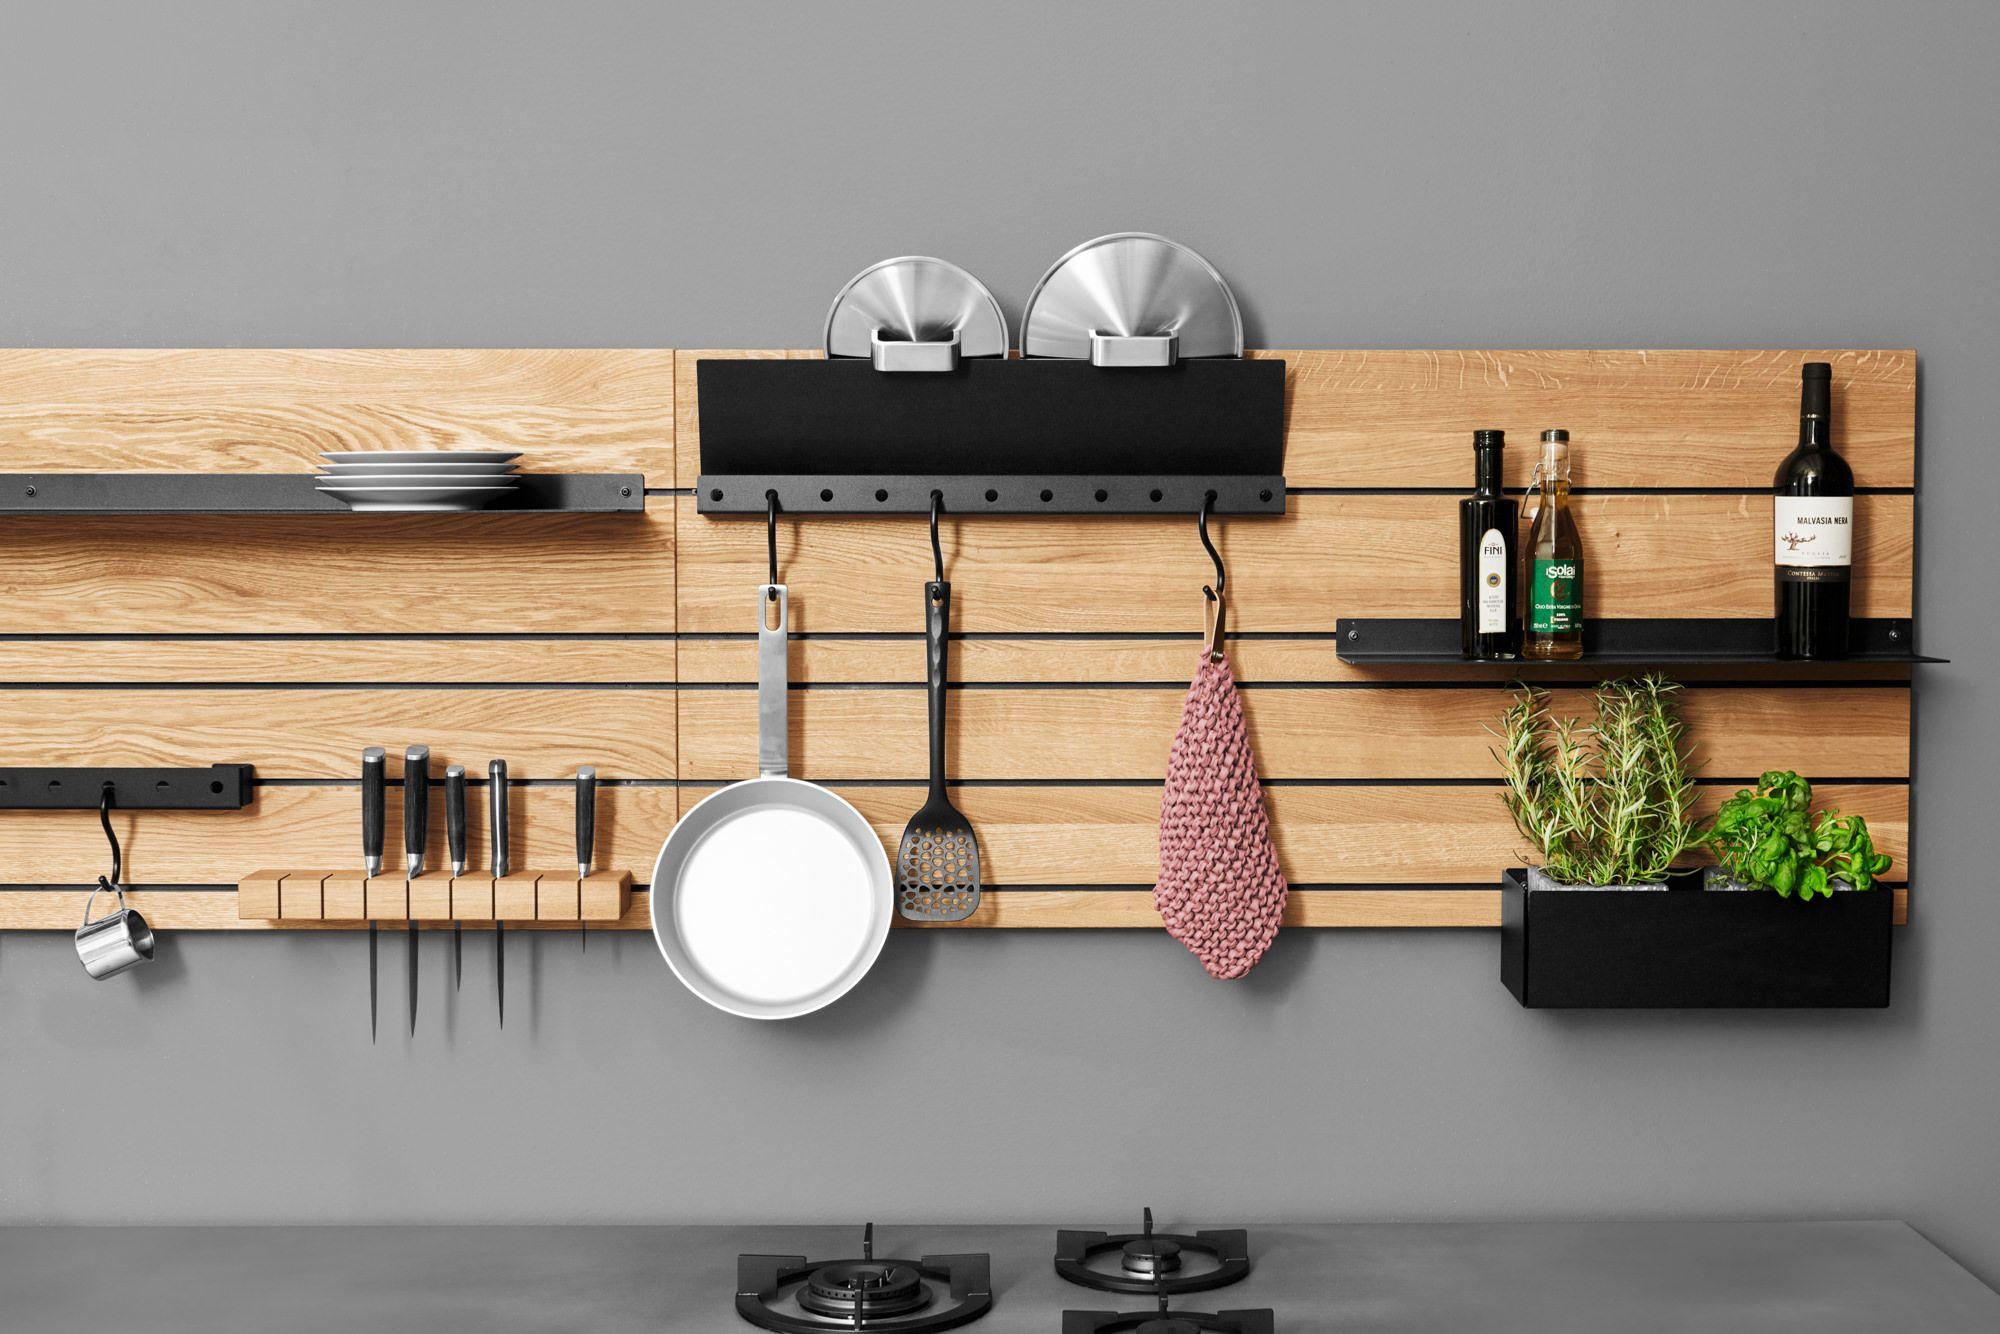 wandpaneel regal  ein regalsystem für die küche von jan